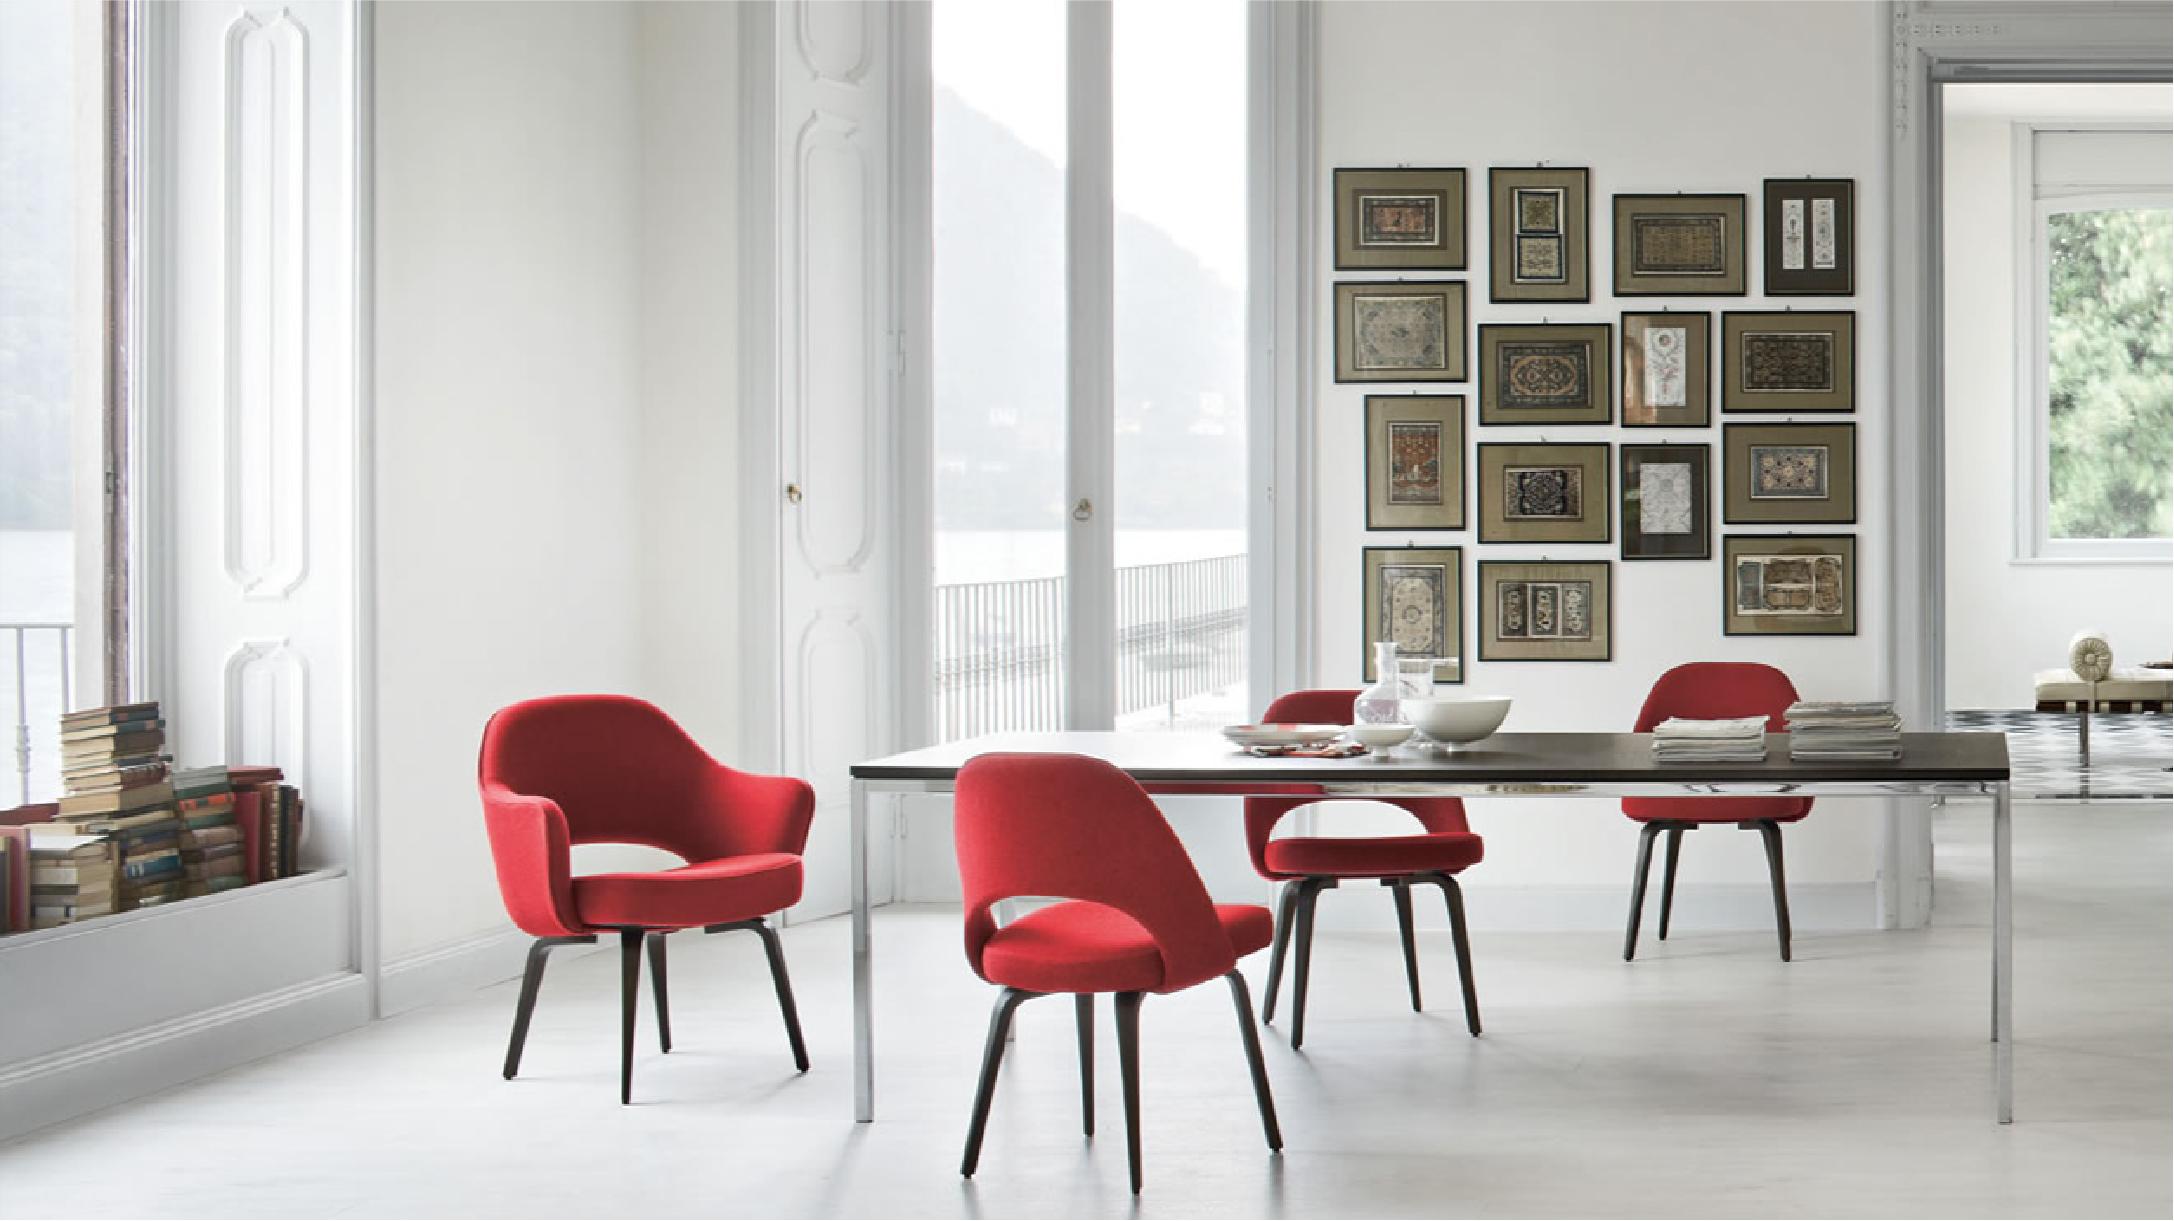 イタリア モダン・ブランド家具の直輸入 イタリア家具 Com イタリア モダン・ブランド家具の直輸入